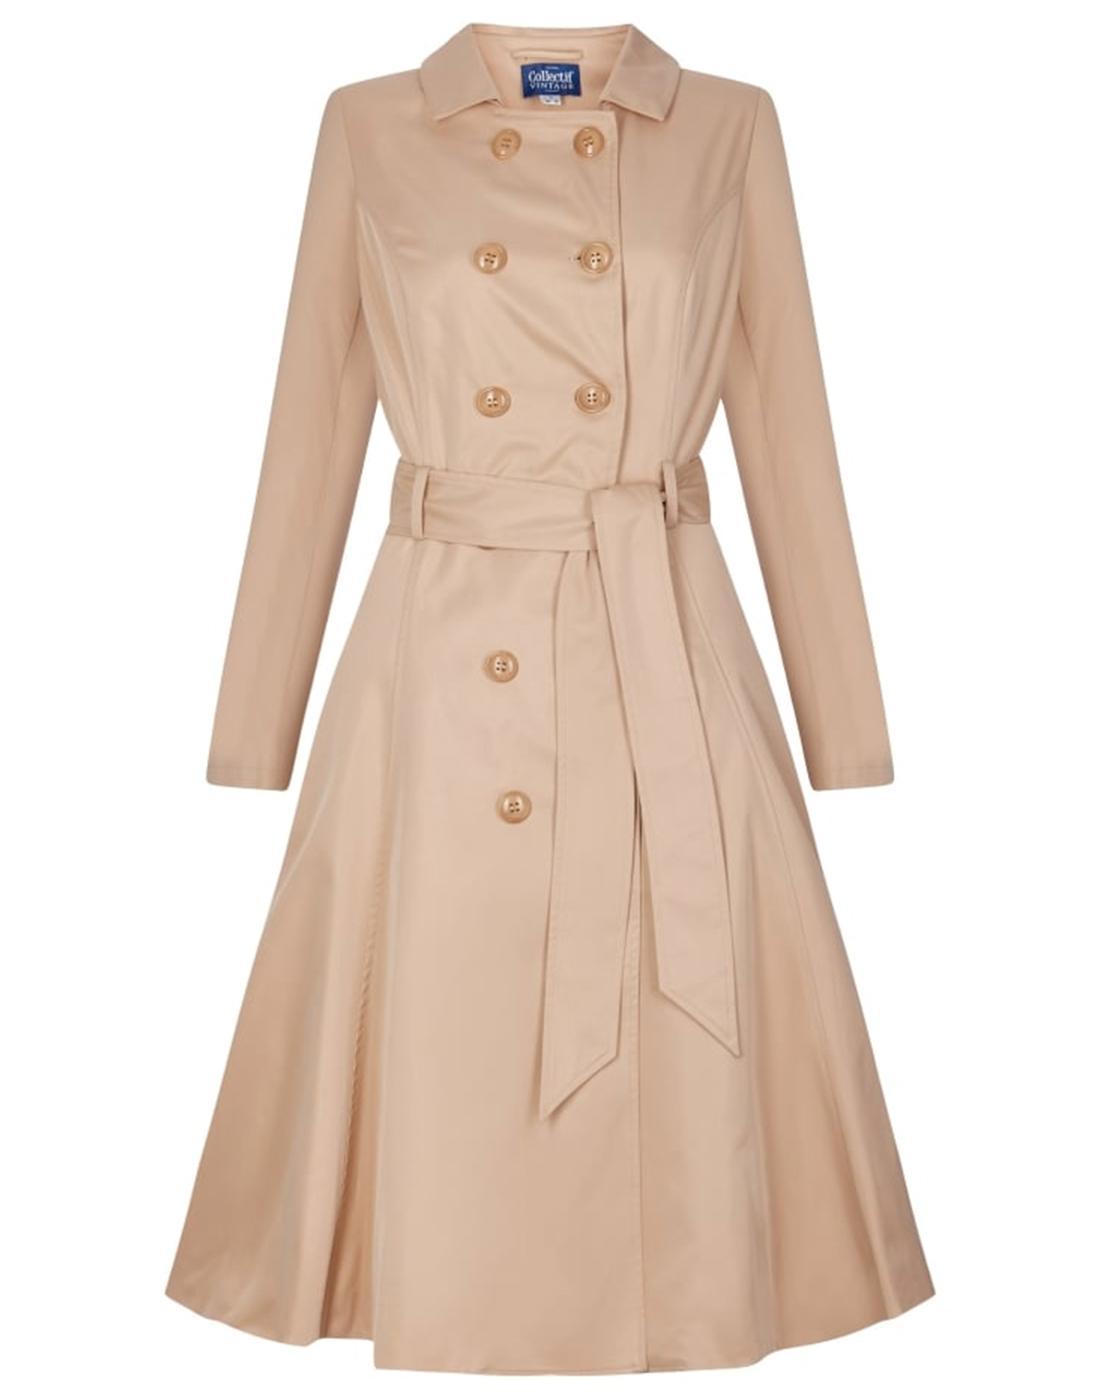 Korrina COLLECTIF Retro Vintage 50s Trench Coat B